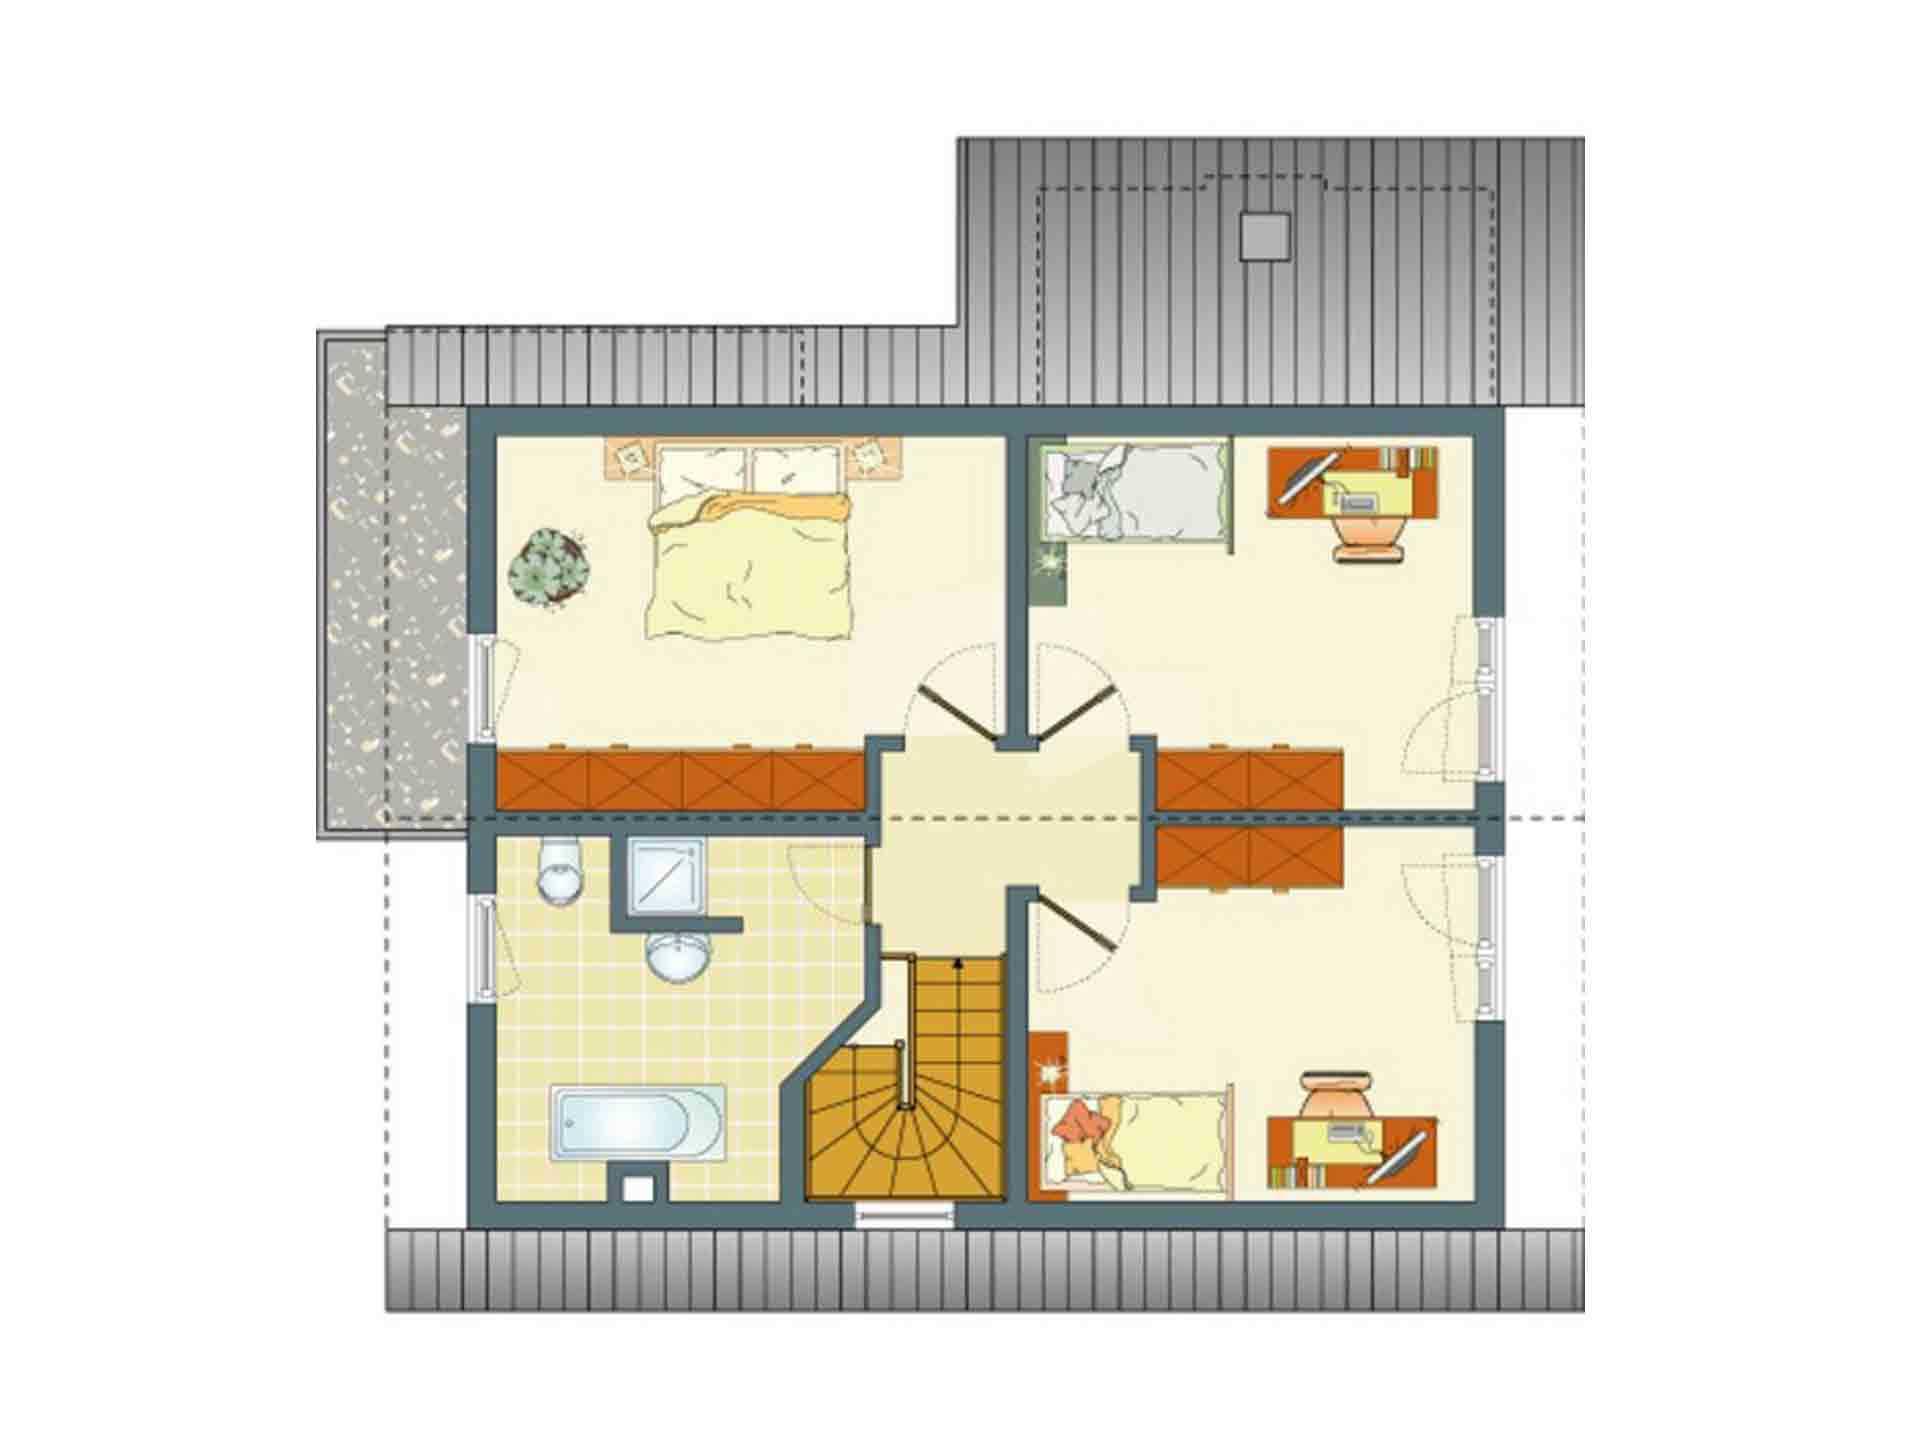 FLAIRplus – Musterhaus Marburg - Ein Screenshot eines Computers - Gebäudeplan